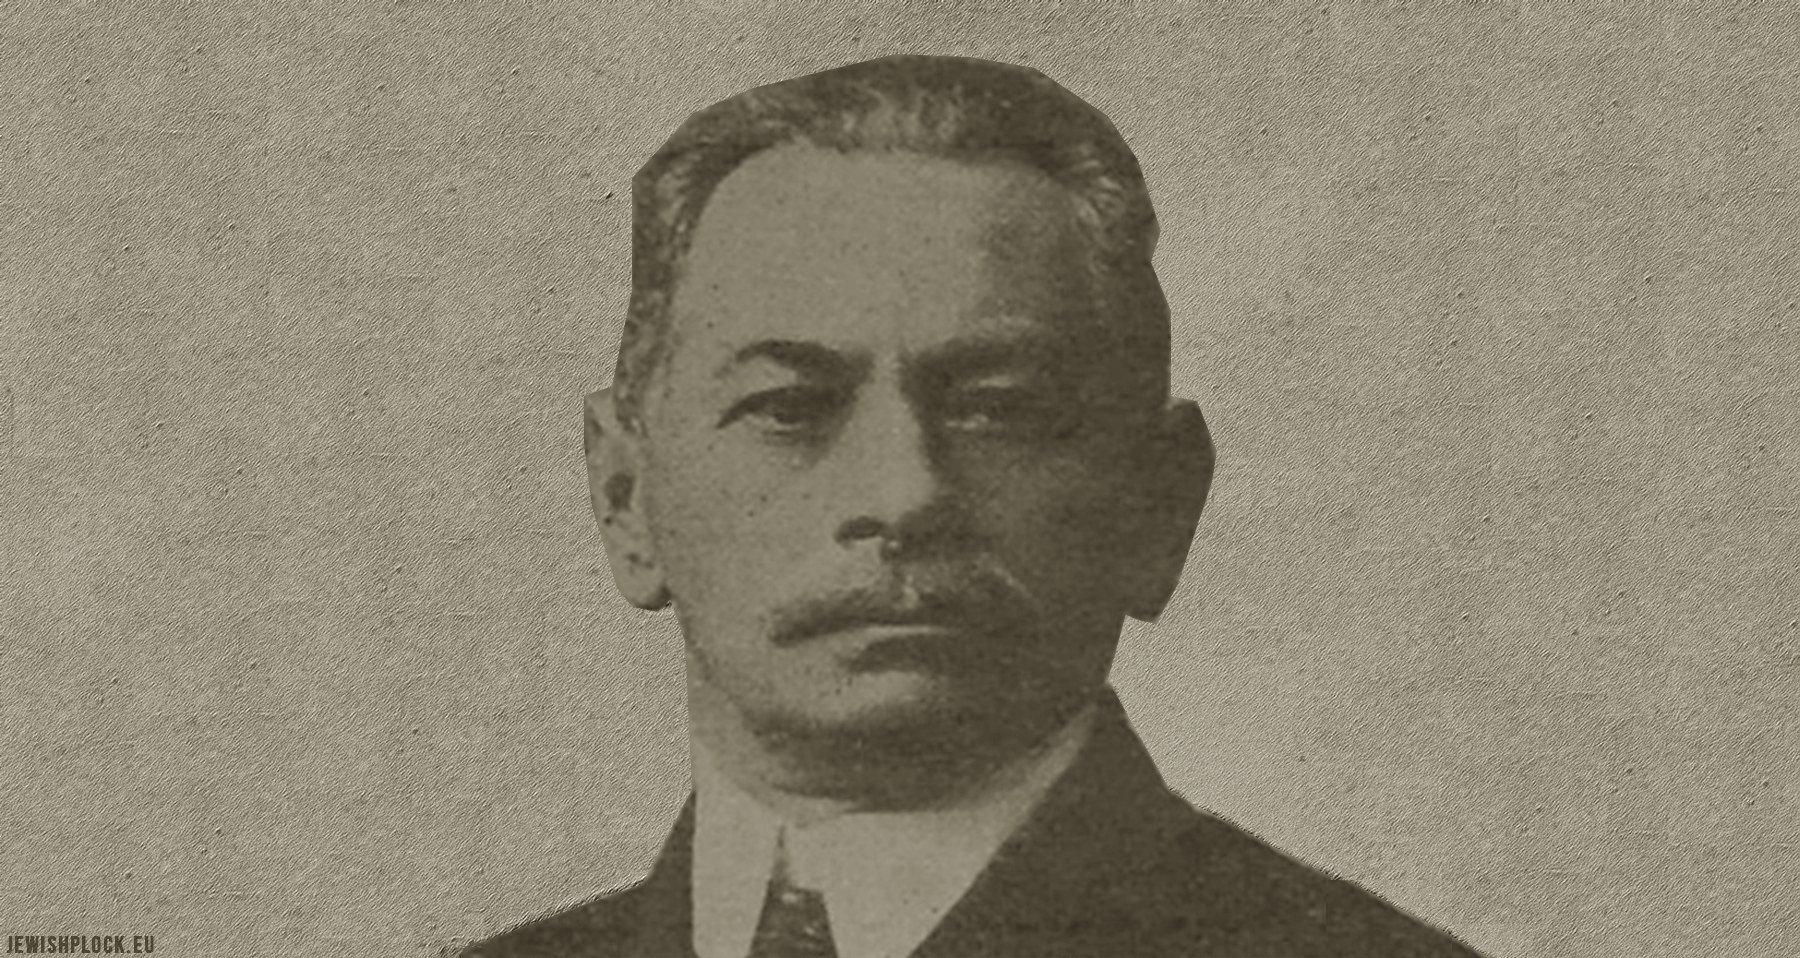 Rudolf Oberfeld, JewishPlock.eu